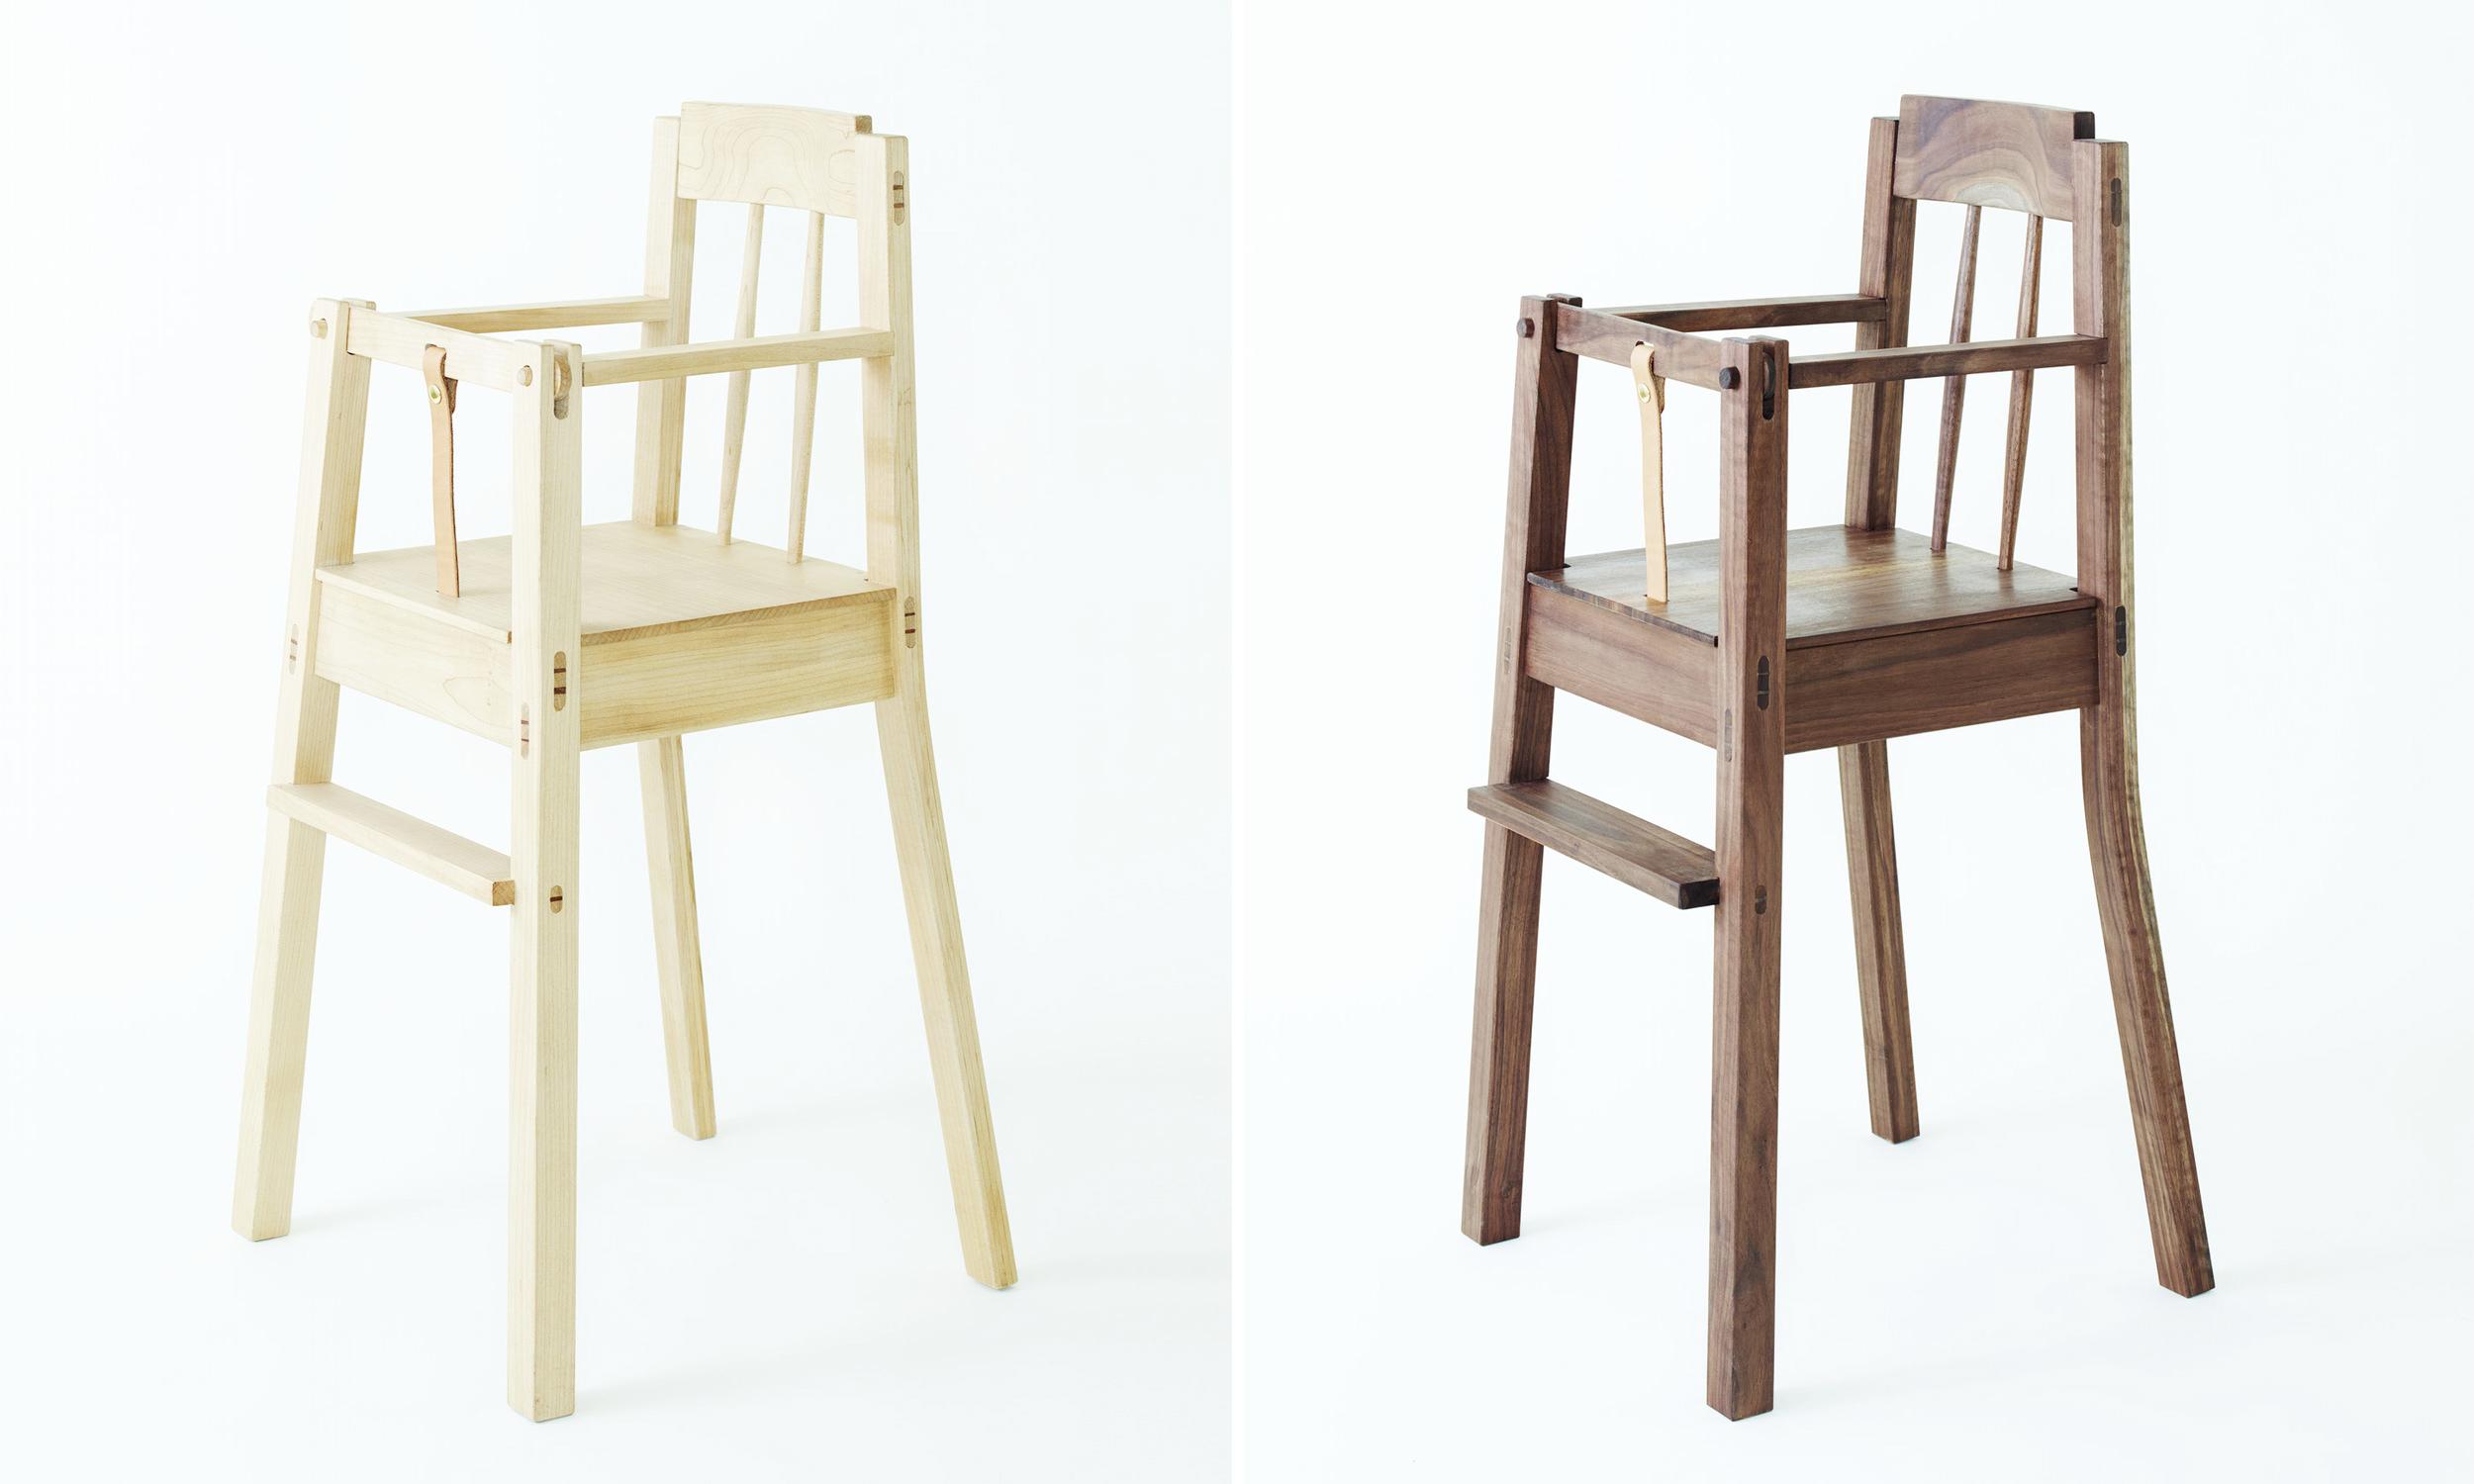 Hudson Workshop High Chair